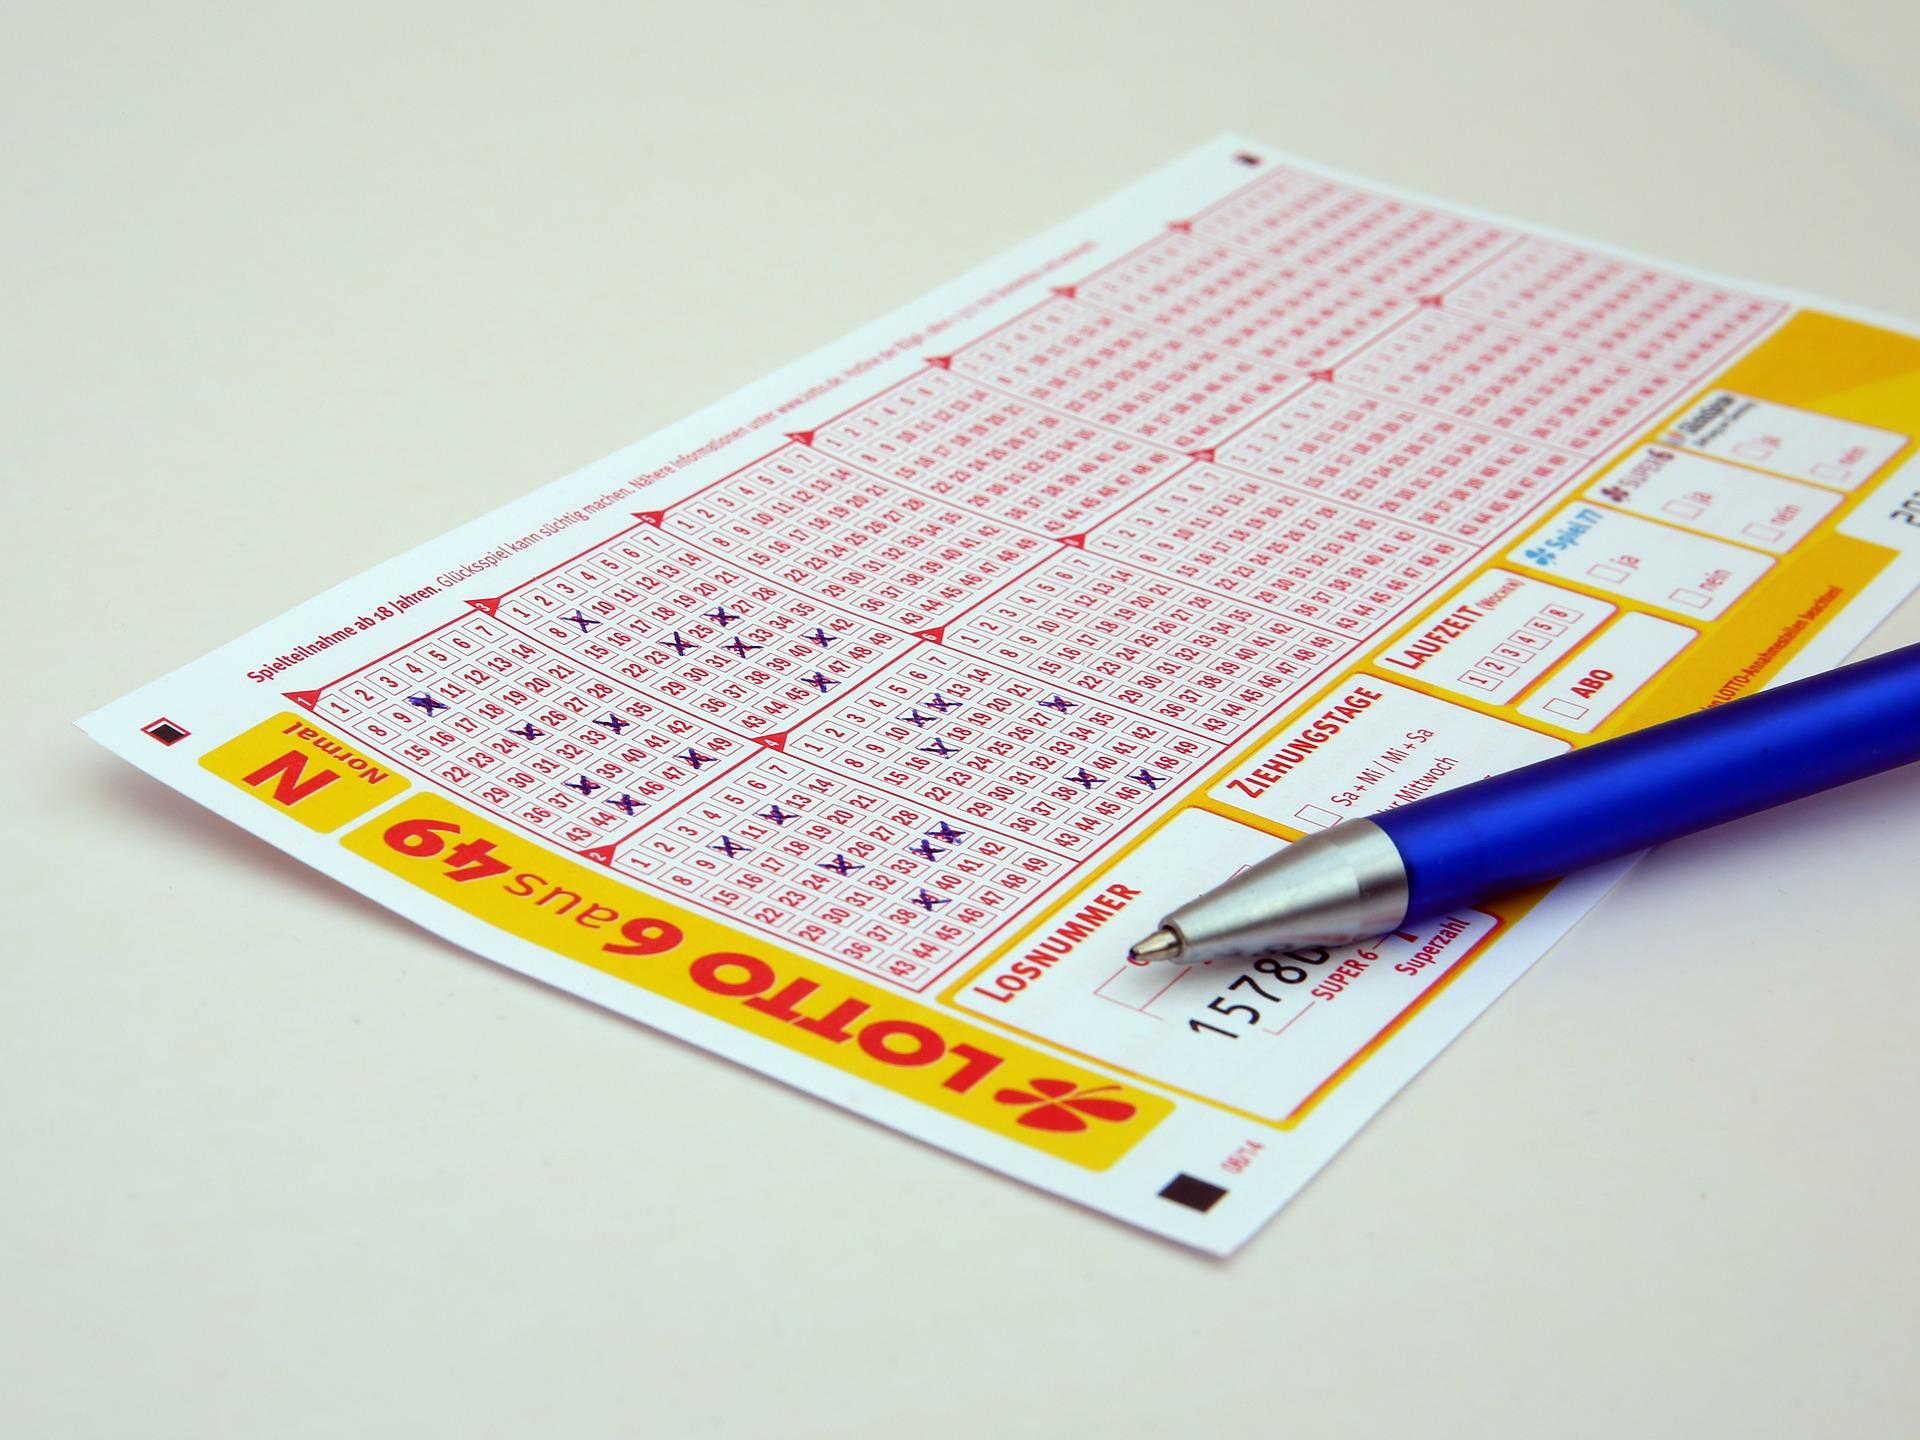 Prawie 14,5 mln zł w Lotto wygrał mieszkaniec Boguchwały! - Zdjęcie główne